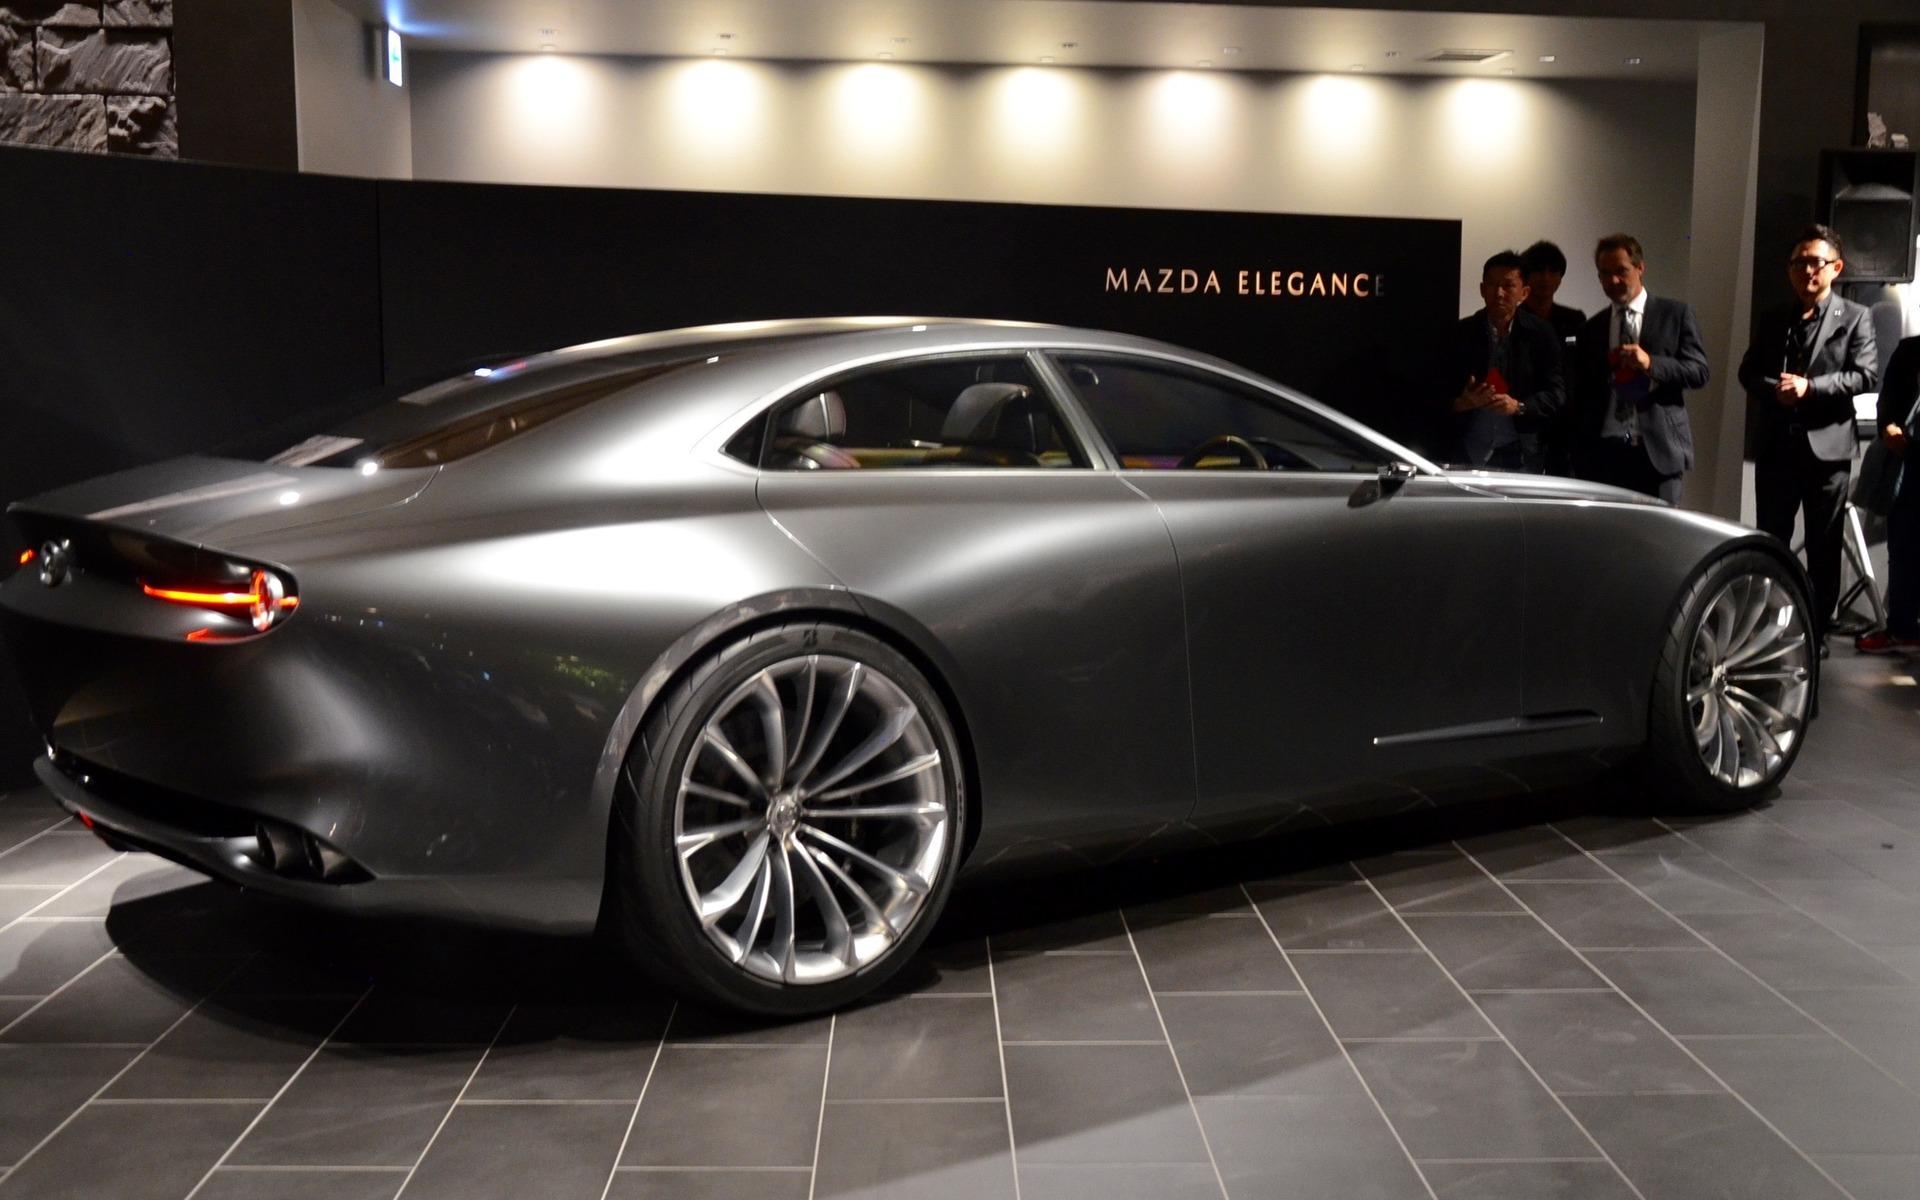 mazda vision coupe a new vision of elegance 2 13. Black Bedroom Furniture Sets. Home Design Ideas